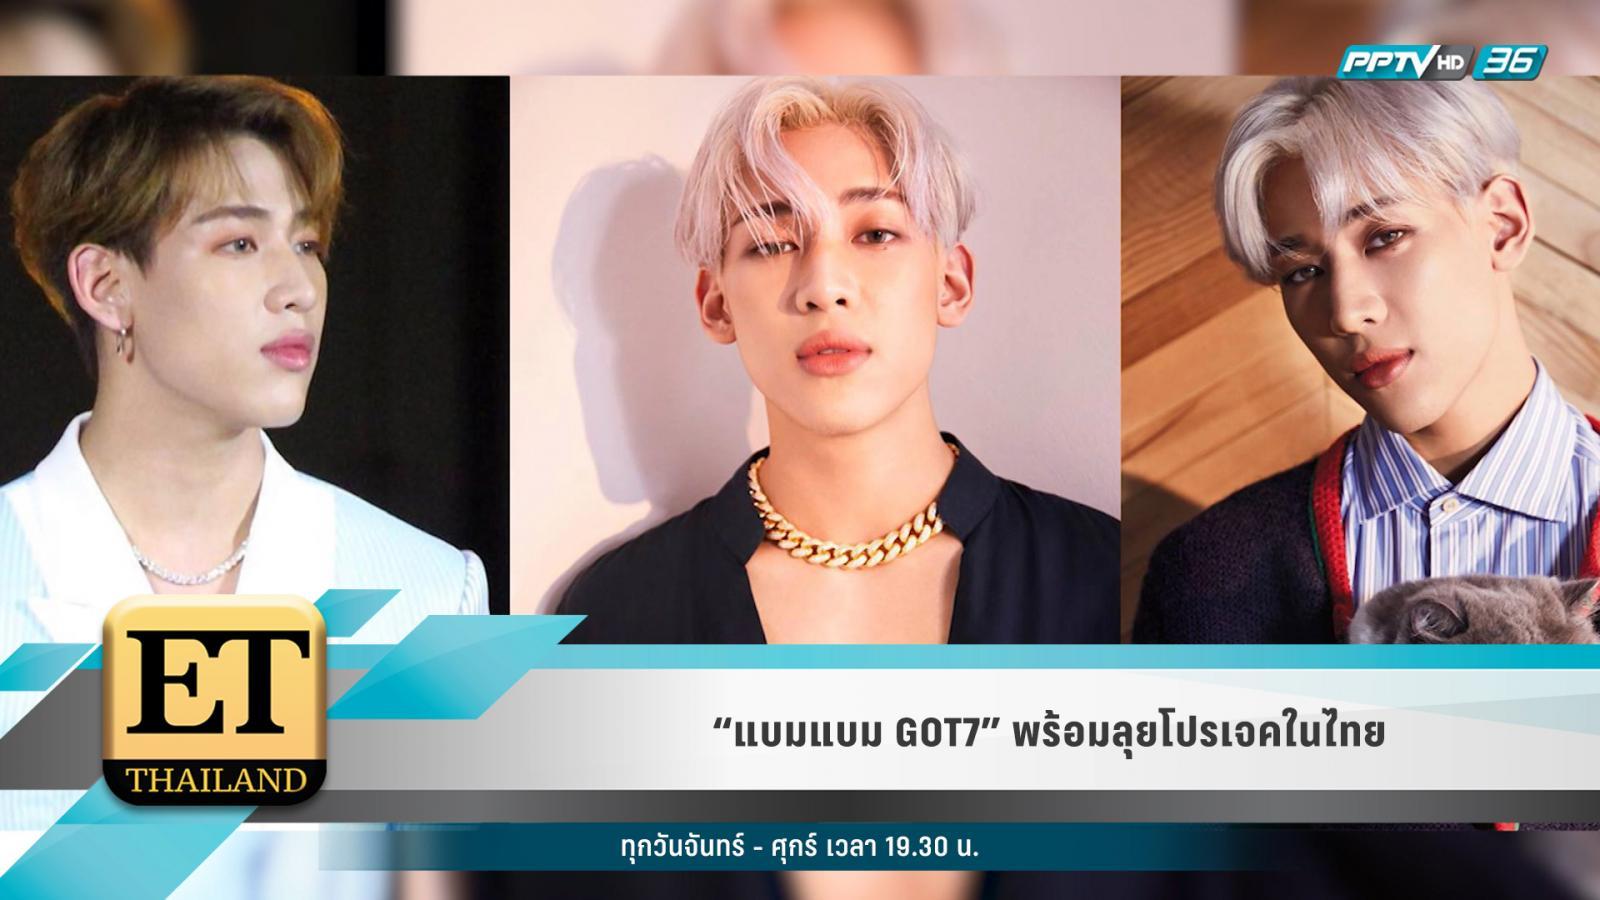 """""""แบมแบม GOT7"""" พร้อมลุยโปรเจคในไทย"""